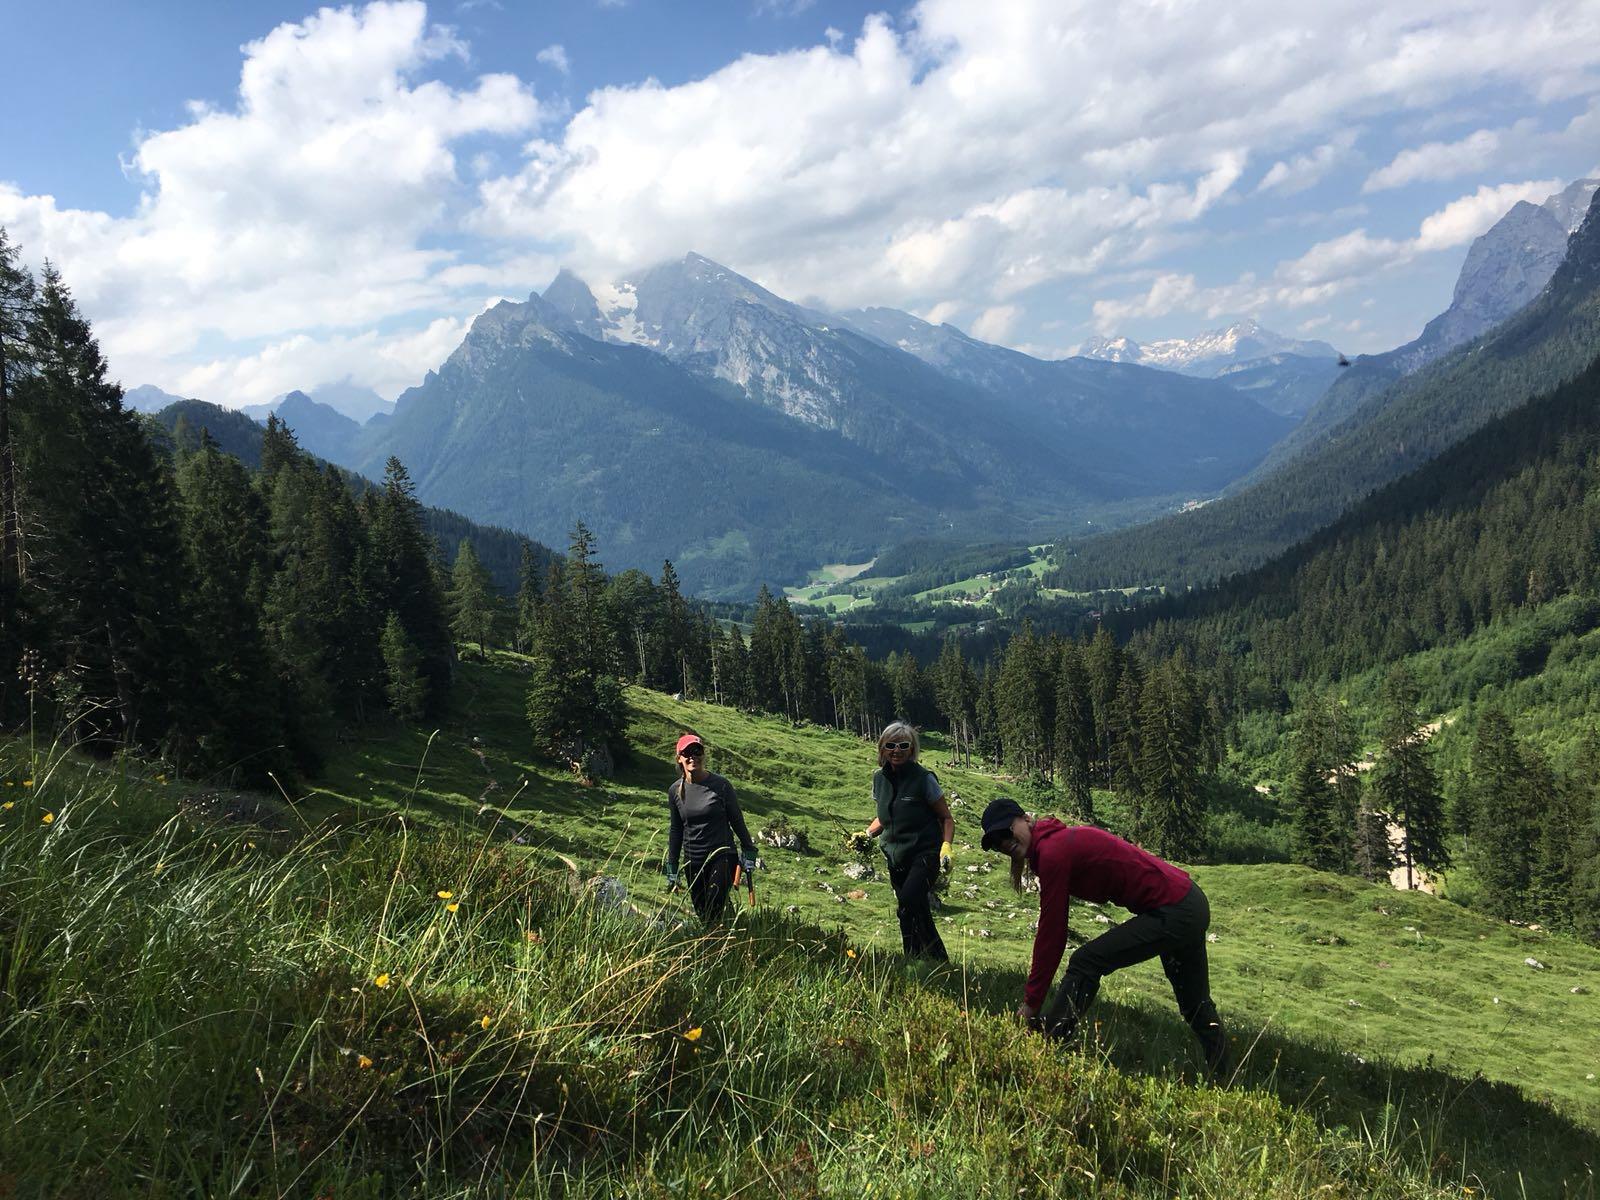 Freiwillige der Peak Performance Produktion AB arbeiten auf einer Wiese. Im Hintergrund sieht man die Berge.